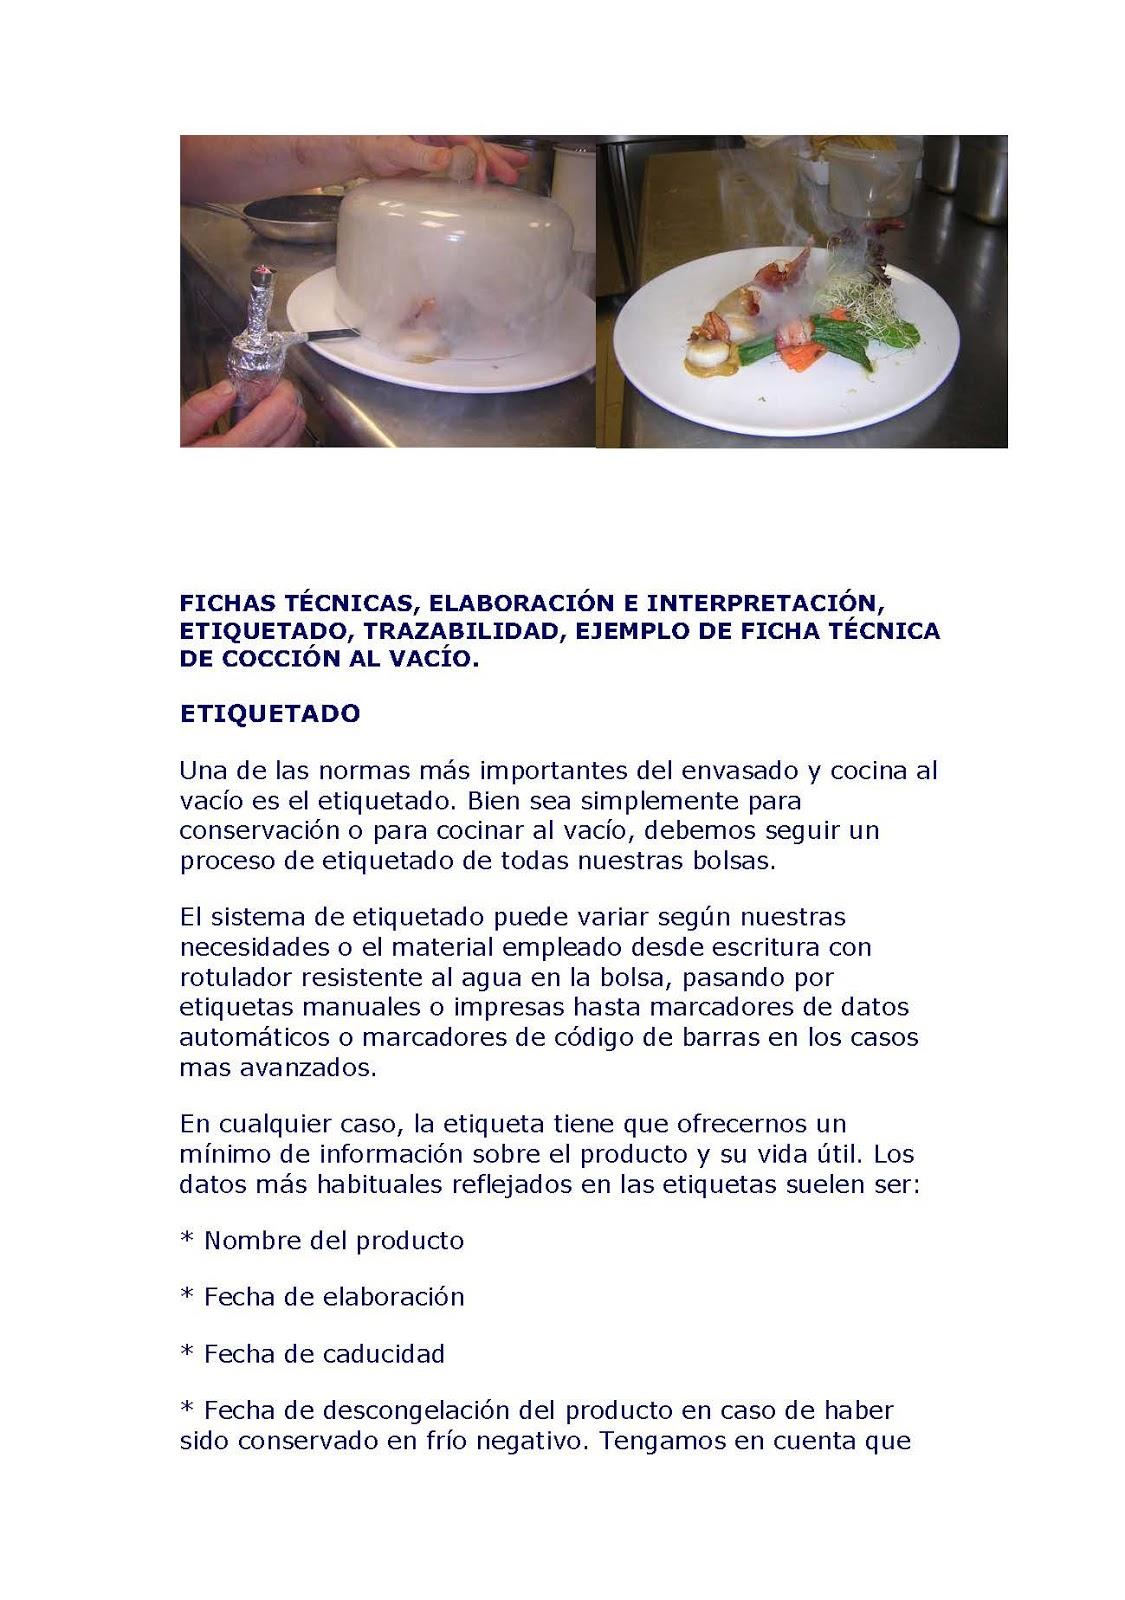 Global cocinas t cnicas la cocci n al vac o ampliado Procesos de cocina jose luis armendariz